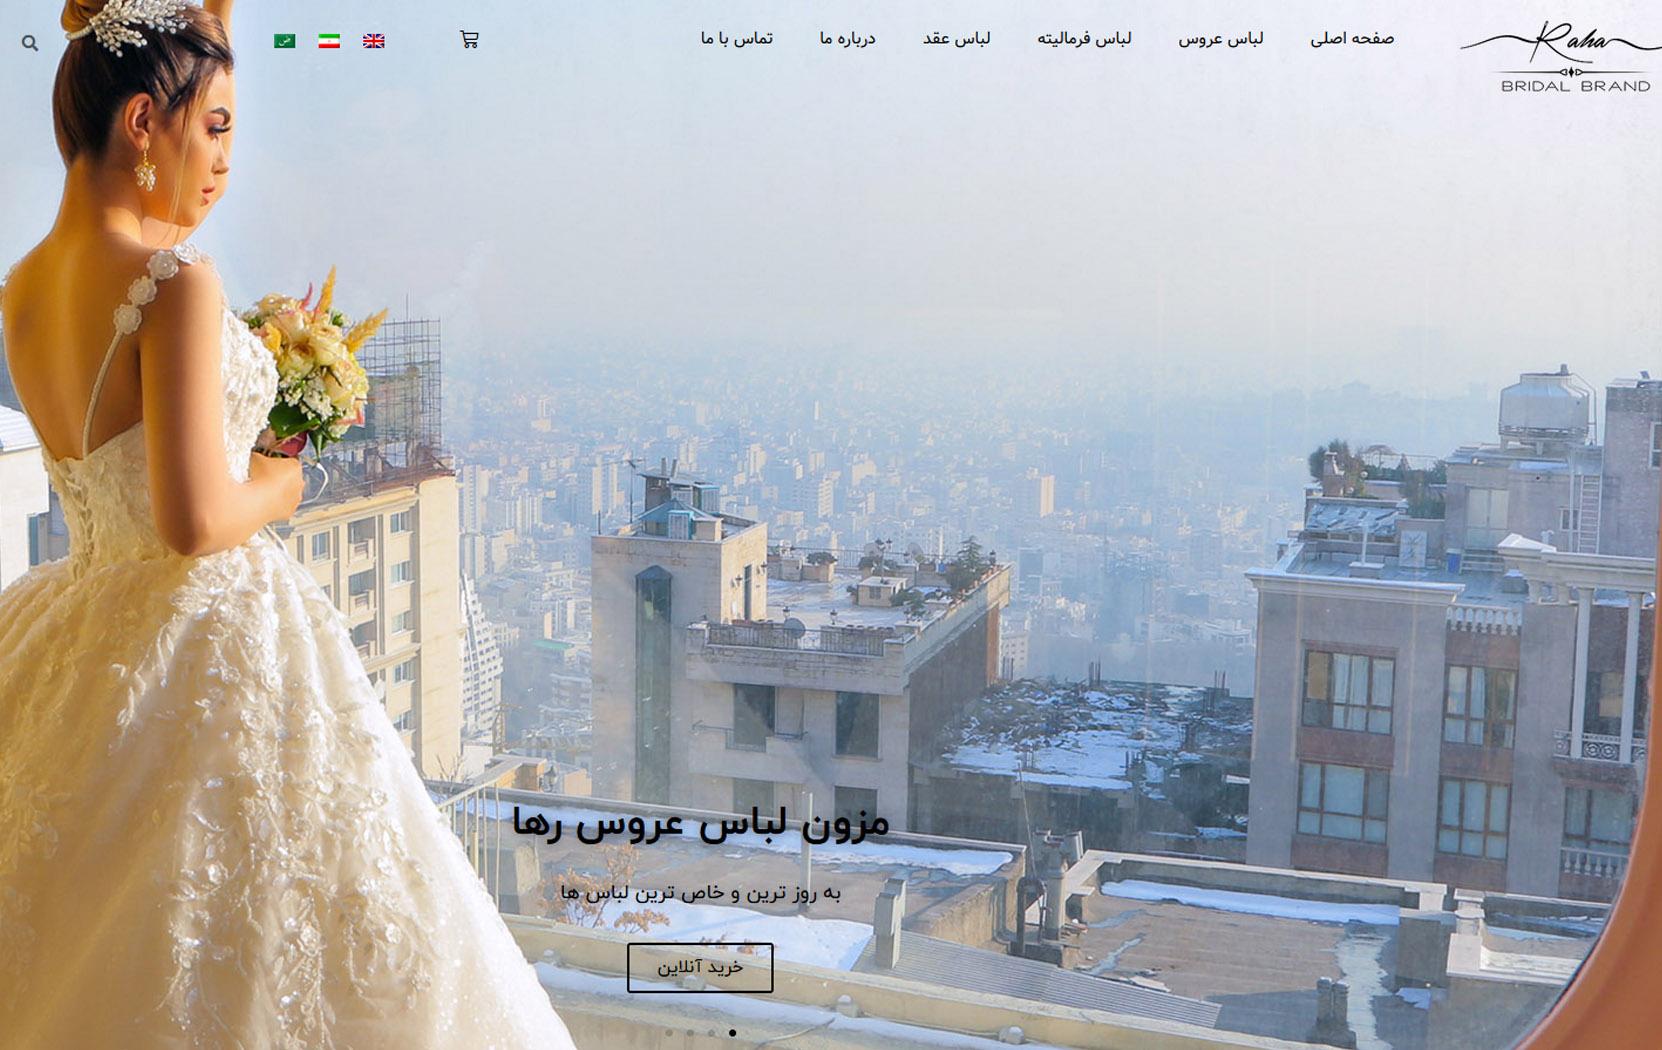 raha - طراحی سایت